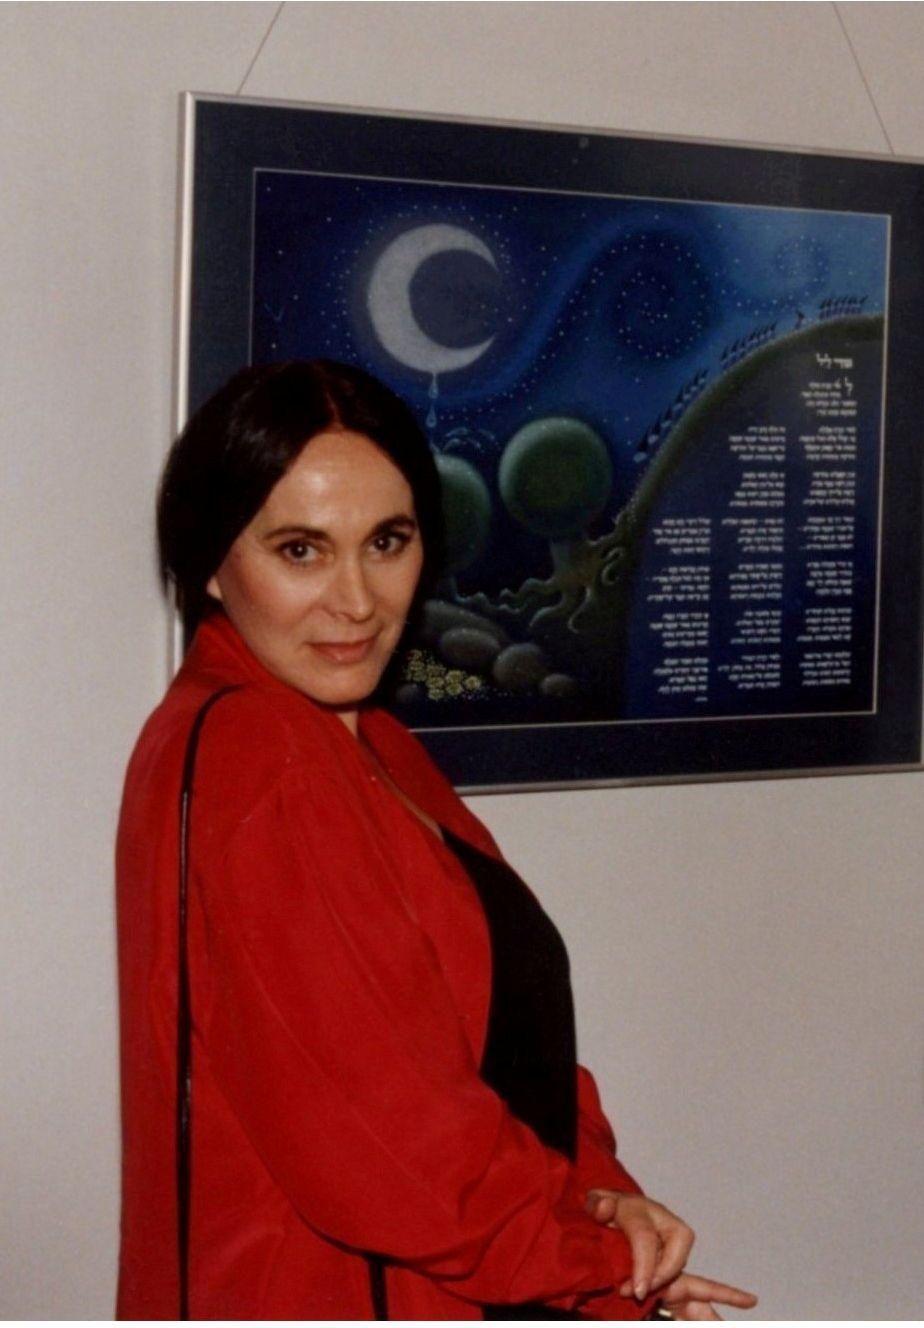 """אלונה פרנקל ליד יצירתה 'גמדי ליל' בהשראת שירו של ביאליק. תערוכת אגודת המאיירים בבית ביאליק ת""""א 1993 . מתוך ארכיון איגוד המאיירים"""